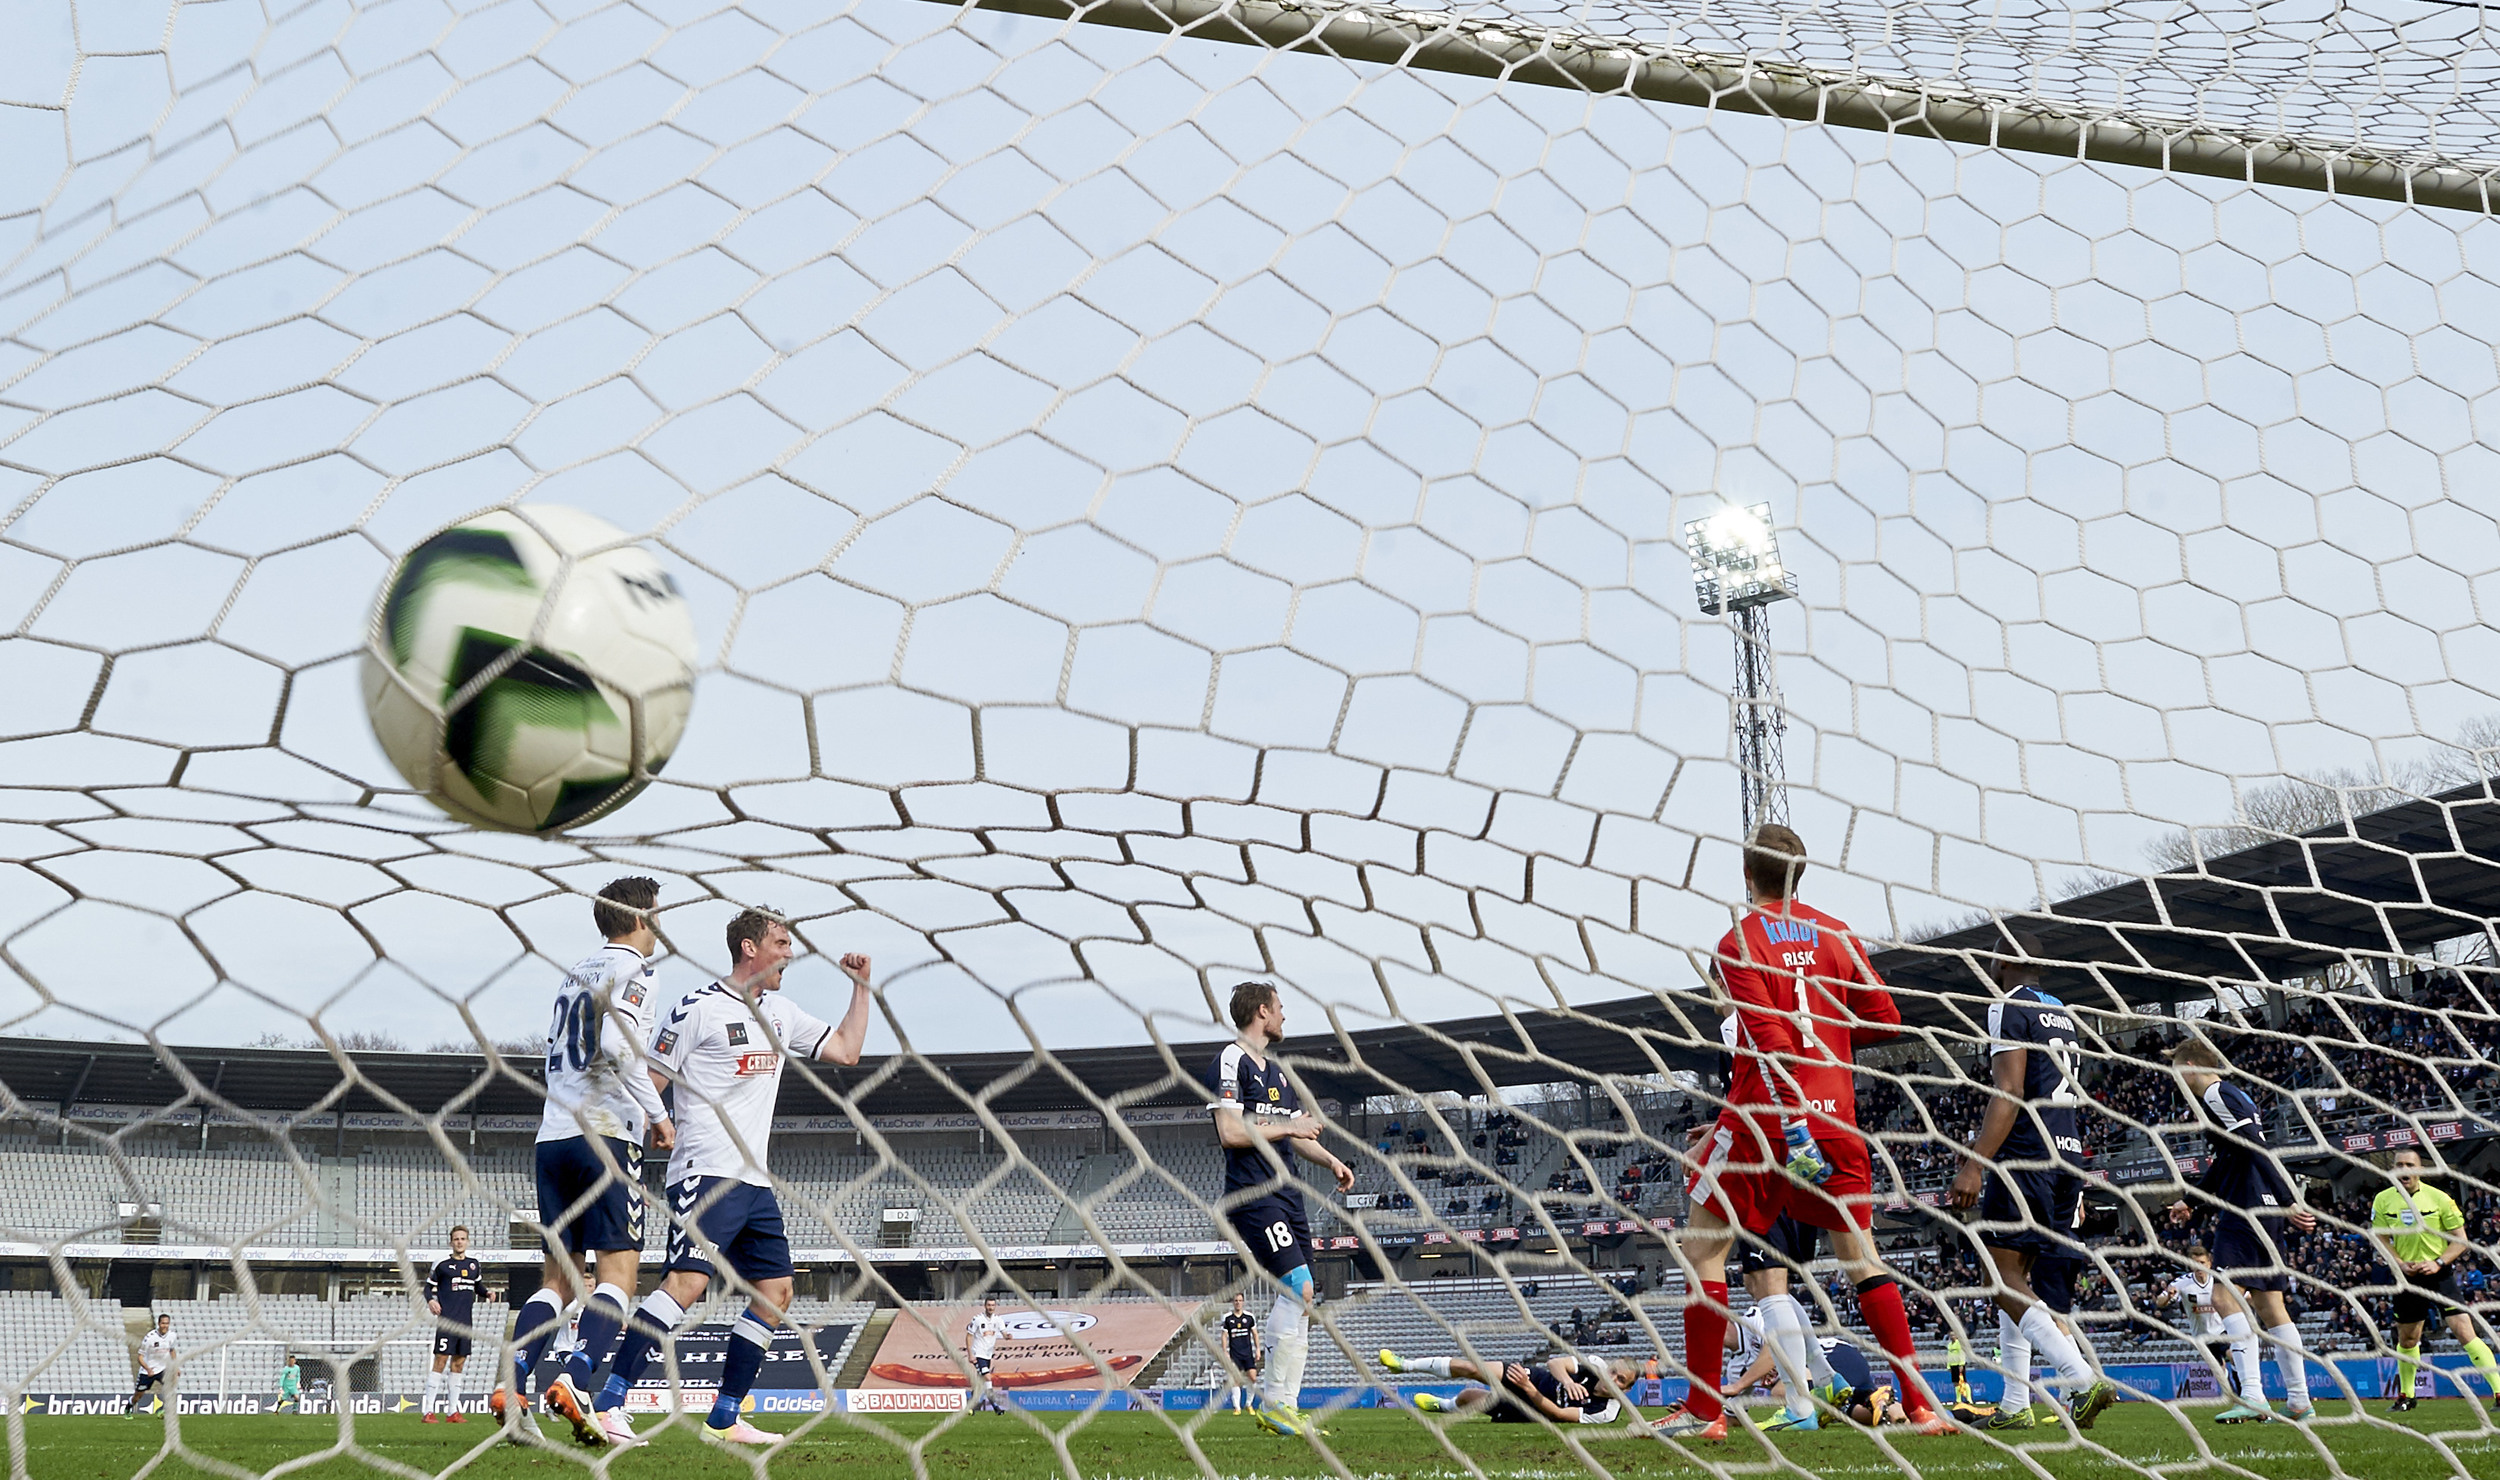 AGF har scoret på det stadion, som klubbens direktør drømmer om at komme væk fra. Foto: Lars Rønbøg/Getty Images